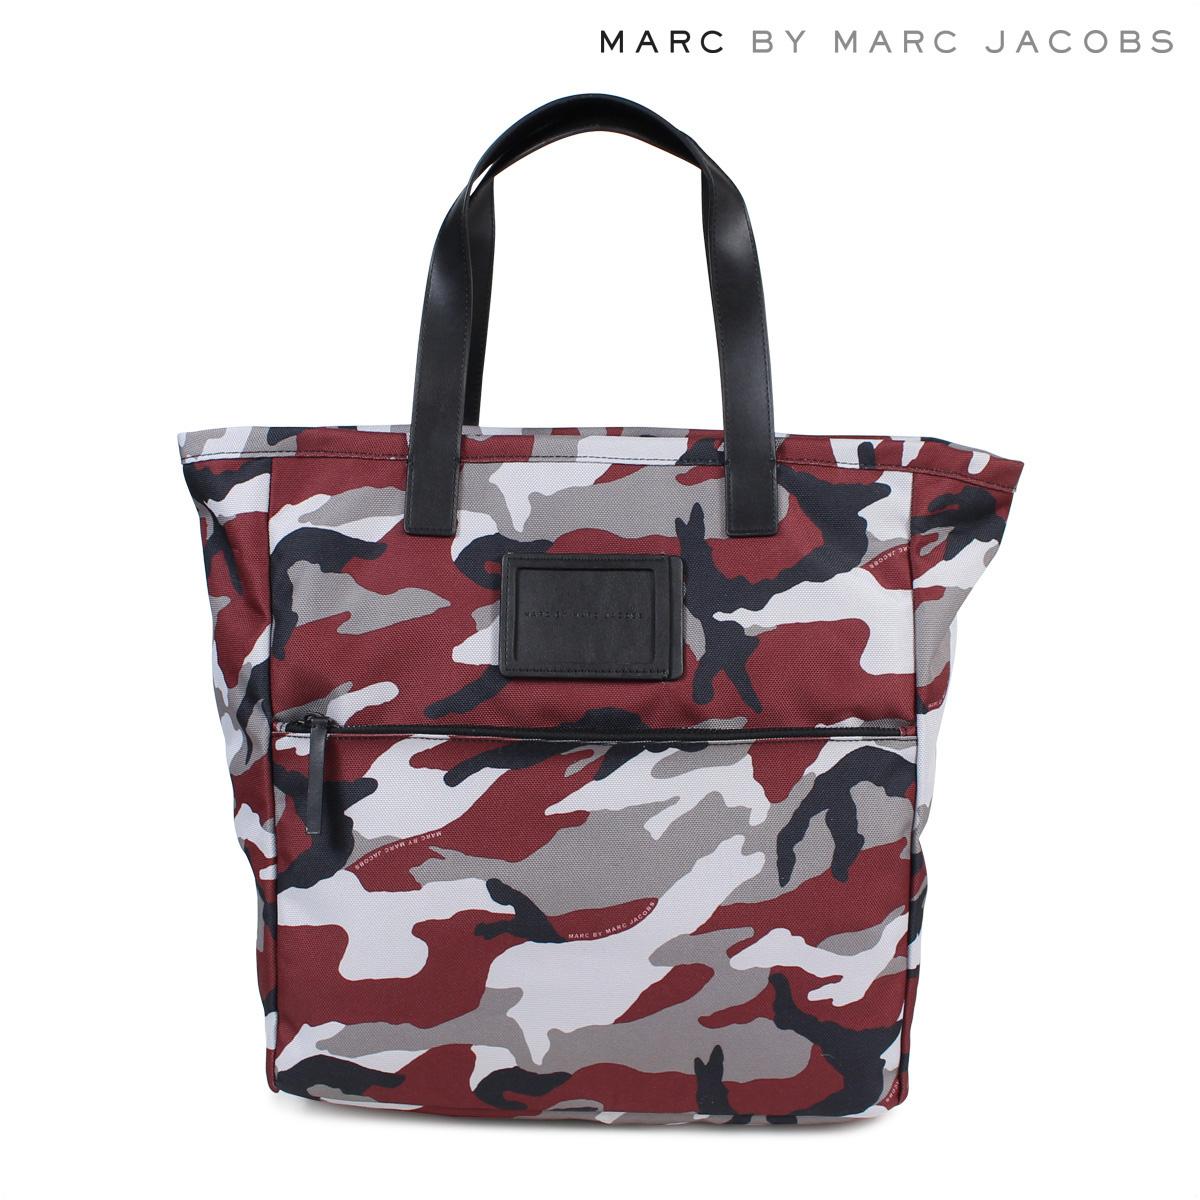 8184a94b6287 従来の型に当てはまらない、ファッションへのひるみないアティチュードそのものが、 MARC BY MARC  JACOBSの世界観を創り上げています。ウェア、バッグ、アクセサリーと ...